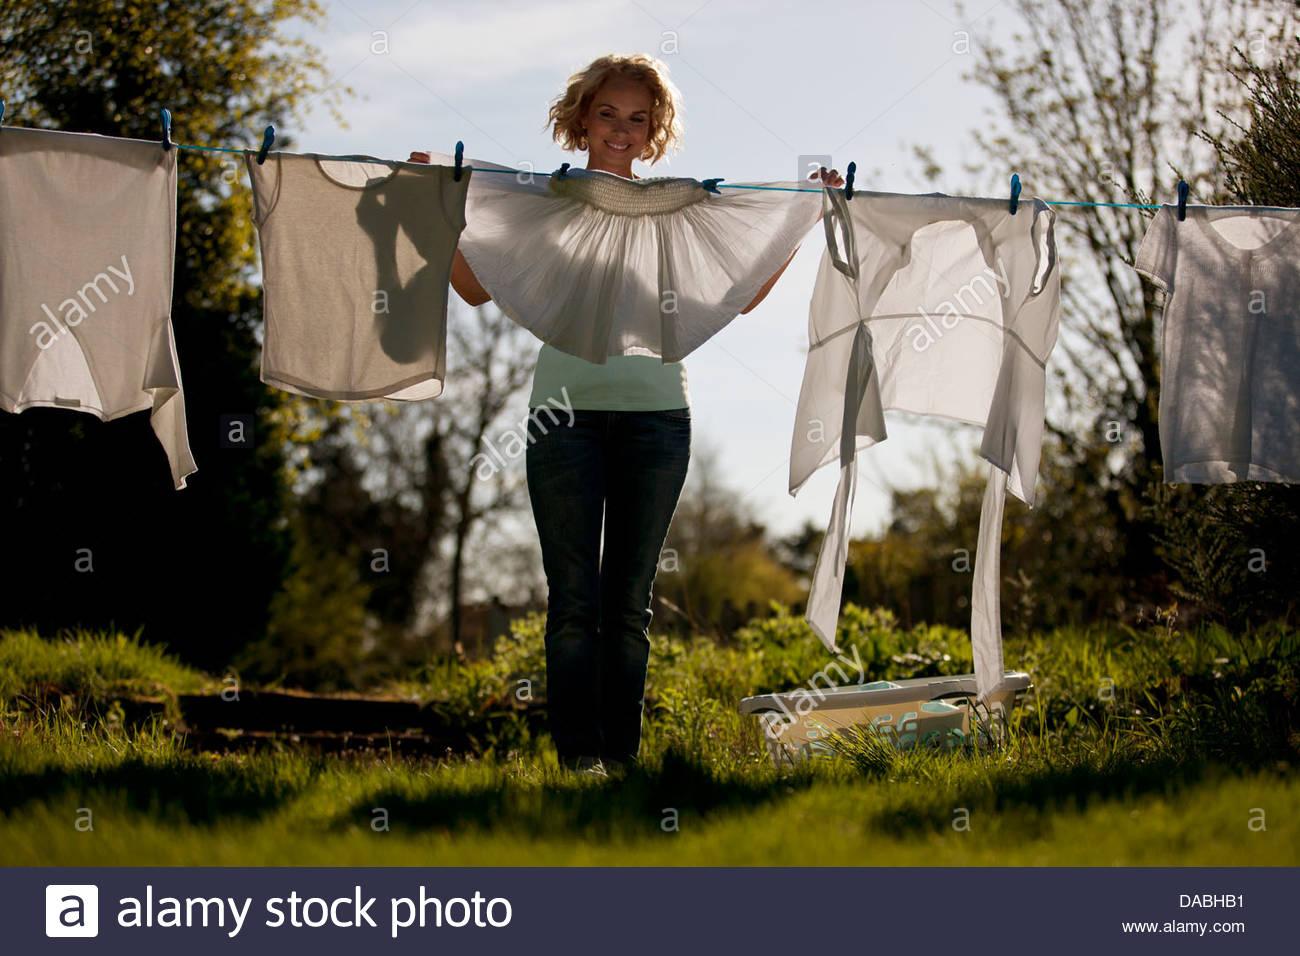 Una mujer madura la vinculación de lavado en una línea de lavado, vista frontal Imagen De Stock